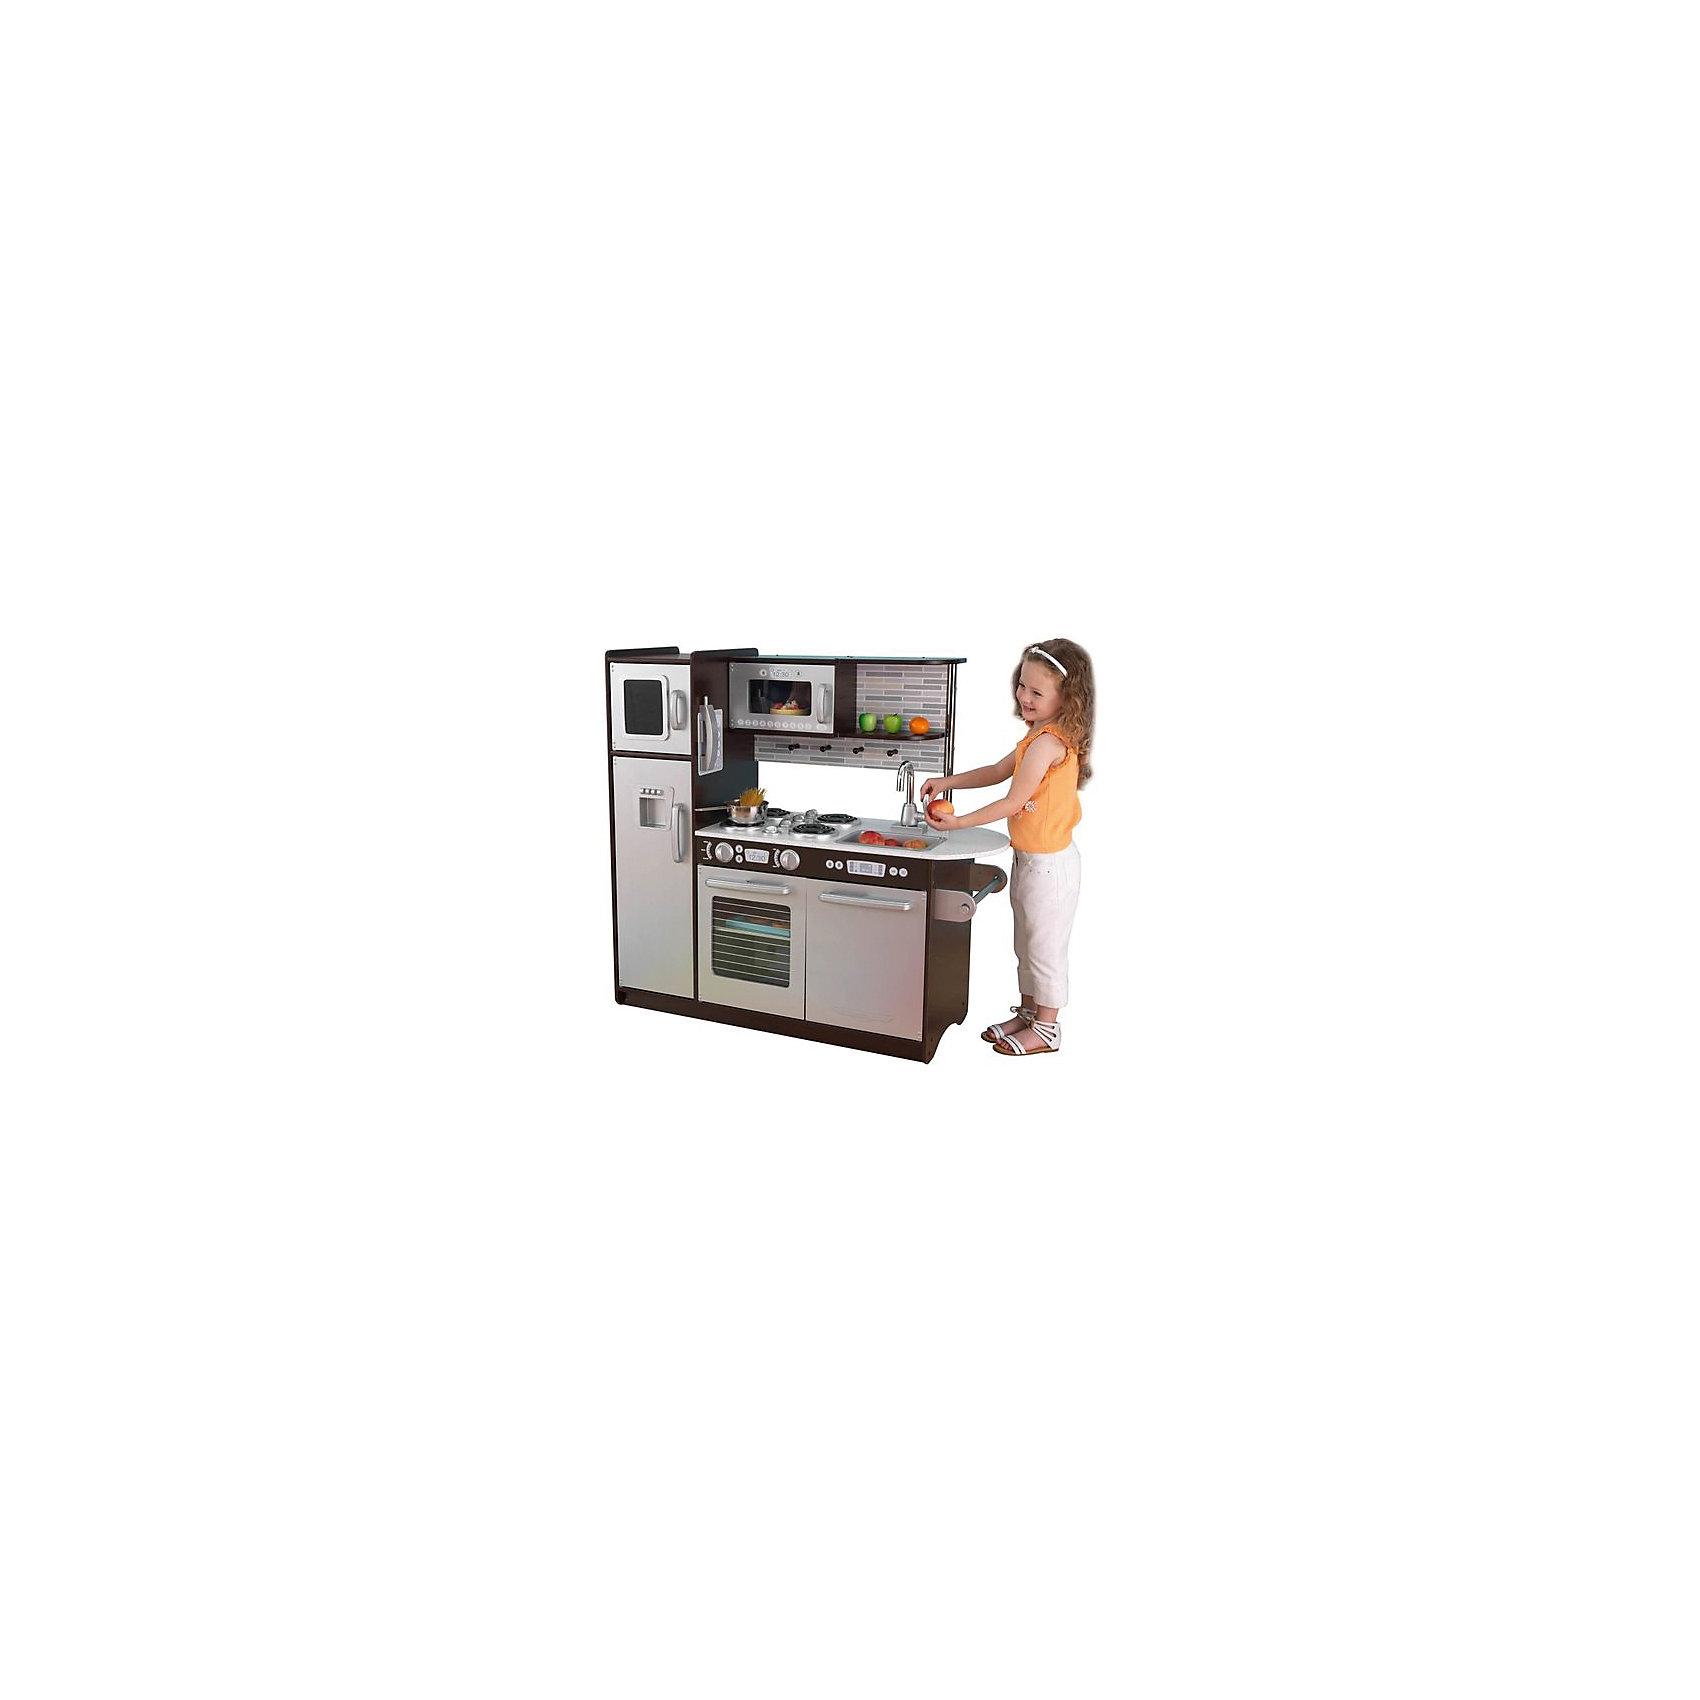 Деревянная кухня «Эспрессо» (Uptown Espresso Kitchen), KidKraftДеревянные кухни<br>Деревянная кухня «Эспрессо», KidKraft (КидКрафт).<br><br>Характеристики:<br>•Материал: дерево.<br>•Все модули выстроены в ряд.<br>•Все дверцы открываются.<br>•Цвет: стальной серый, венге.<br>•Без интерактивных элементов.<br>•Конструкция продается в разобранном виде. Инструкция по сборке входит в комплект.<br>•Размер игрушки в собранном виде - 109х45х104 см.<br>•Размер упаковки - 119х50х22 см.<br>•Вес: 36 кг.<br><br>ВНИМАНИЕ! Посуда и игрушечные продукты в комплект не входят.<br><br>Деревянная кухня «Эспрессо», KidKraft (КидКрафт) – выглядит, как уменьшенная копия настоящей современной «взрослой» кухни в стиле хай-тек, со свойственными ему лаконизмом, строгим дизайном и холодными цветами. Строгий серый цвет фасадов эффектно сочетается с венге, которым окрашены полки и корпус кухни. Задняя стенка рабочей зоны декорирована изображением кирпичной кладки, а все бытовые приборы имеют детализированные модули управления - кнопки, дисплеи. Всю кухню «Эспрессо» можно разделить на несколько функциональных модулей. Слева устанавливается двухкамерный холодильник с верхней морозильной камерой и выносными ручками для открывания/закрывания дверец. Средний модуль представлен встроенной в верхнюю полку микроволновой печью с электронным сенсорным управлением и электроплитой с прозрачной открывающейся дверцей. Верхняя часть правого кухонного модуля – открытая полка для посуды, средняя часть – это вынимающаяся из столешницы мойка и смеситель с двумя вращающимися рукоятками, а нижняя – посудомойка с открывающейся дверцей. Оригинально выполнена правая часть столешницы. Она выступает за край нижнего мебельного модуля и образует полукруг, удобный для приготовления пищи. Под столешницей предусмотрен держатель для бумажных полотенец. <br>Игры с кухней «Эспрессо» KidKraft открывают самые широкие возможности для детского творчества, позволяя ребенку чувствовать себя настоящей домохозяйкой или заправским шеф-повар